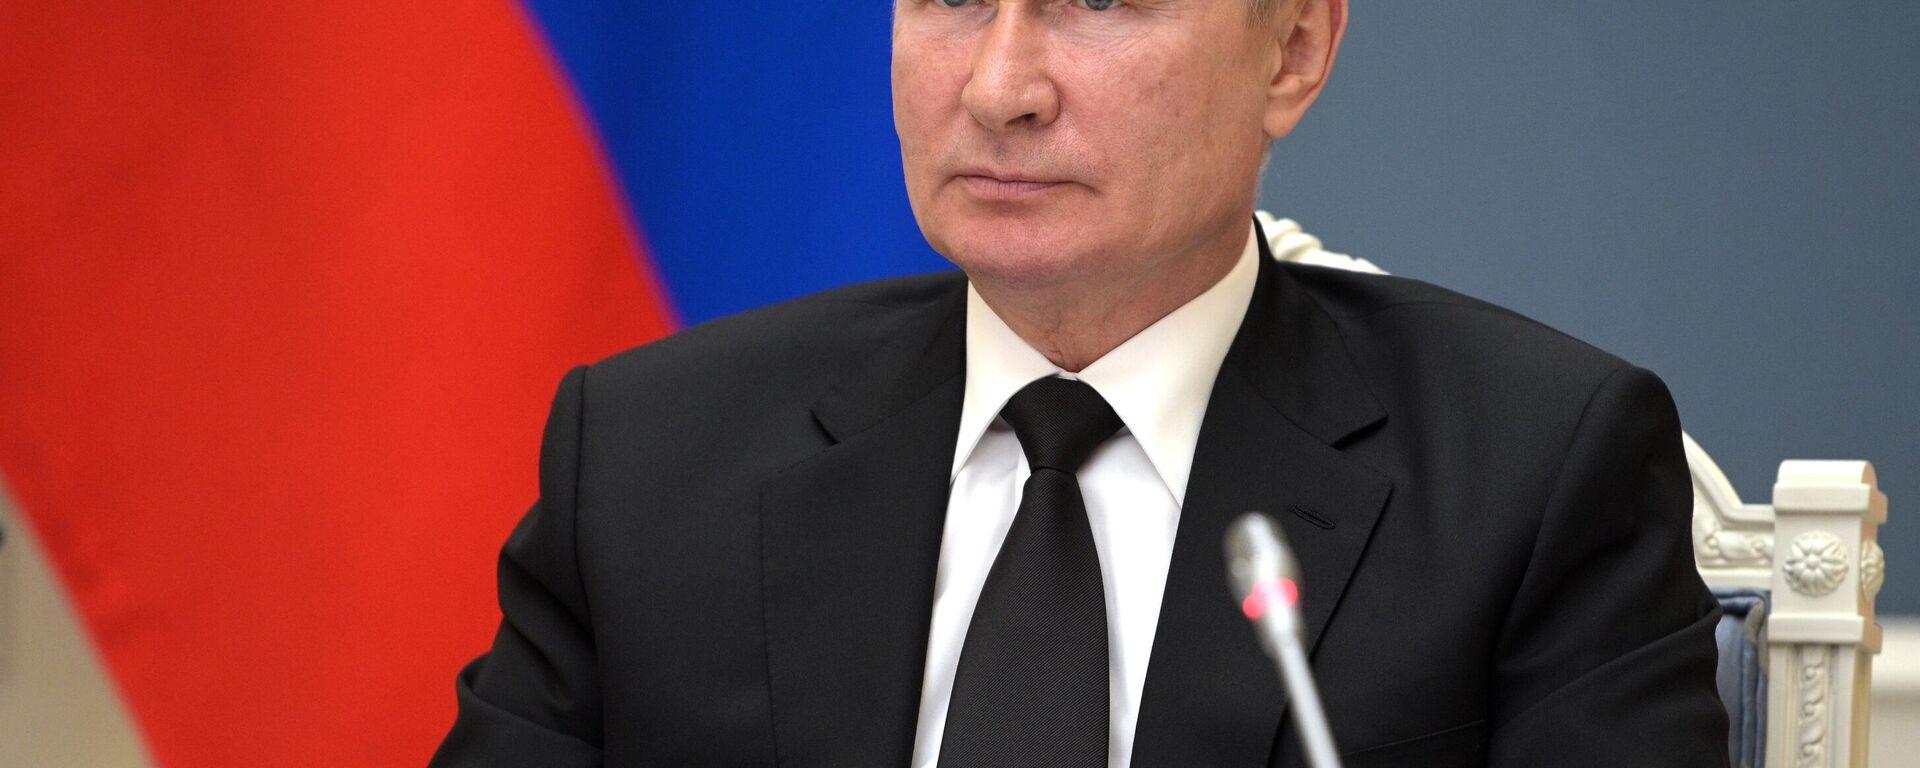 Vladimir Putin - Sputnik Türkiye, 1920, 14.09.2021